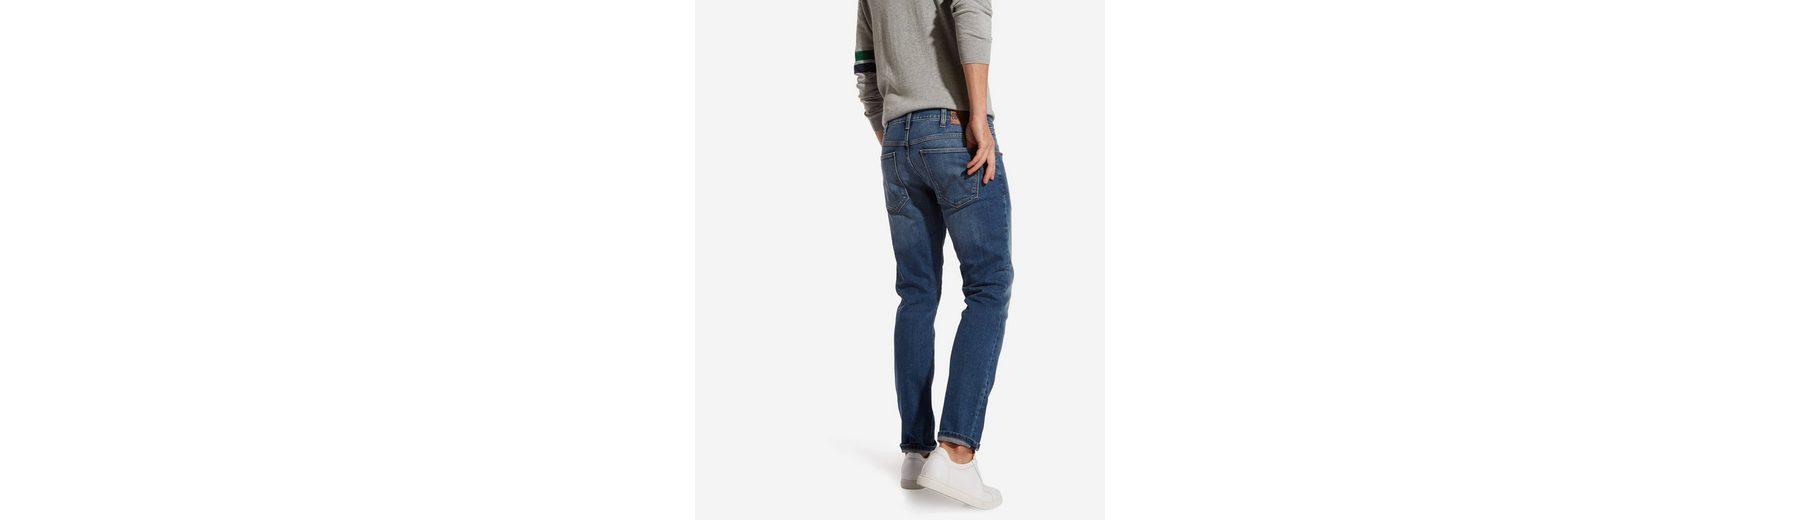 Wrangler Jeans Larston Wrangler Jeans PTng6Wnv